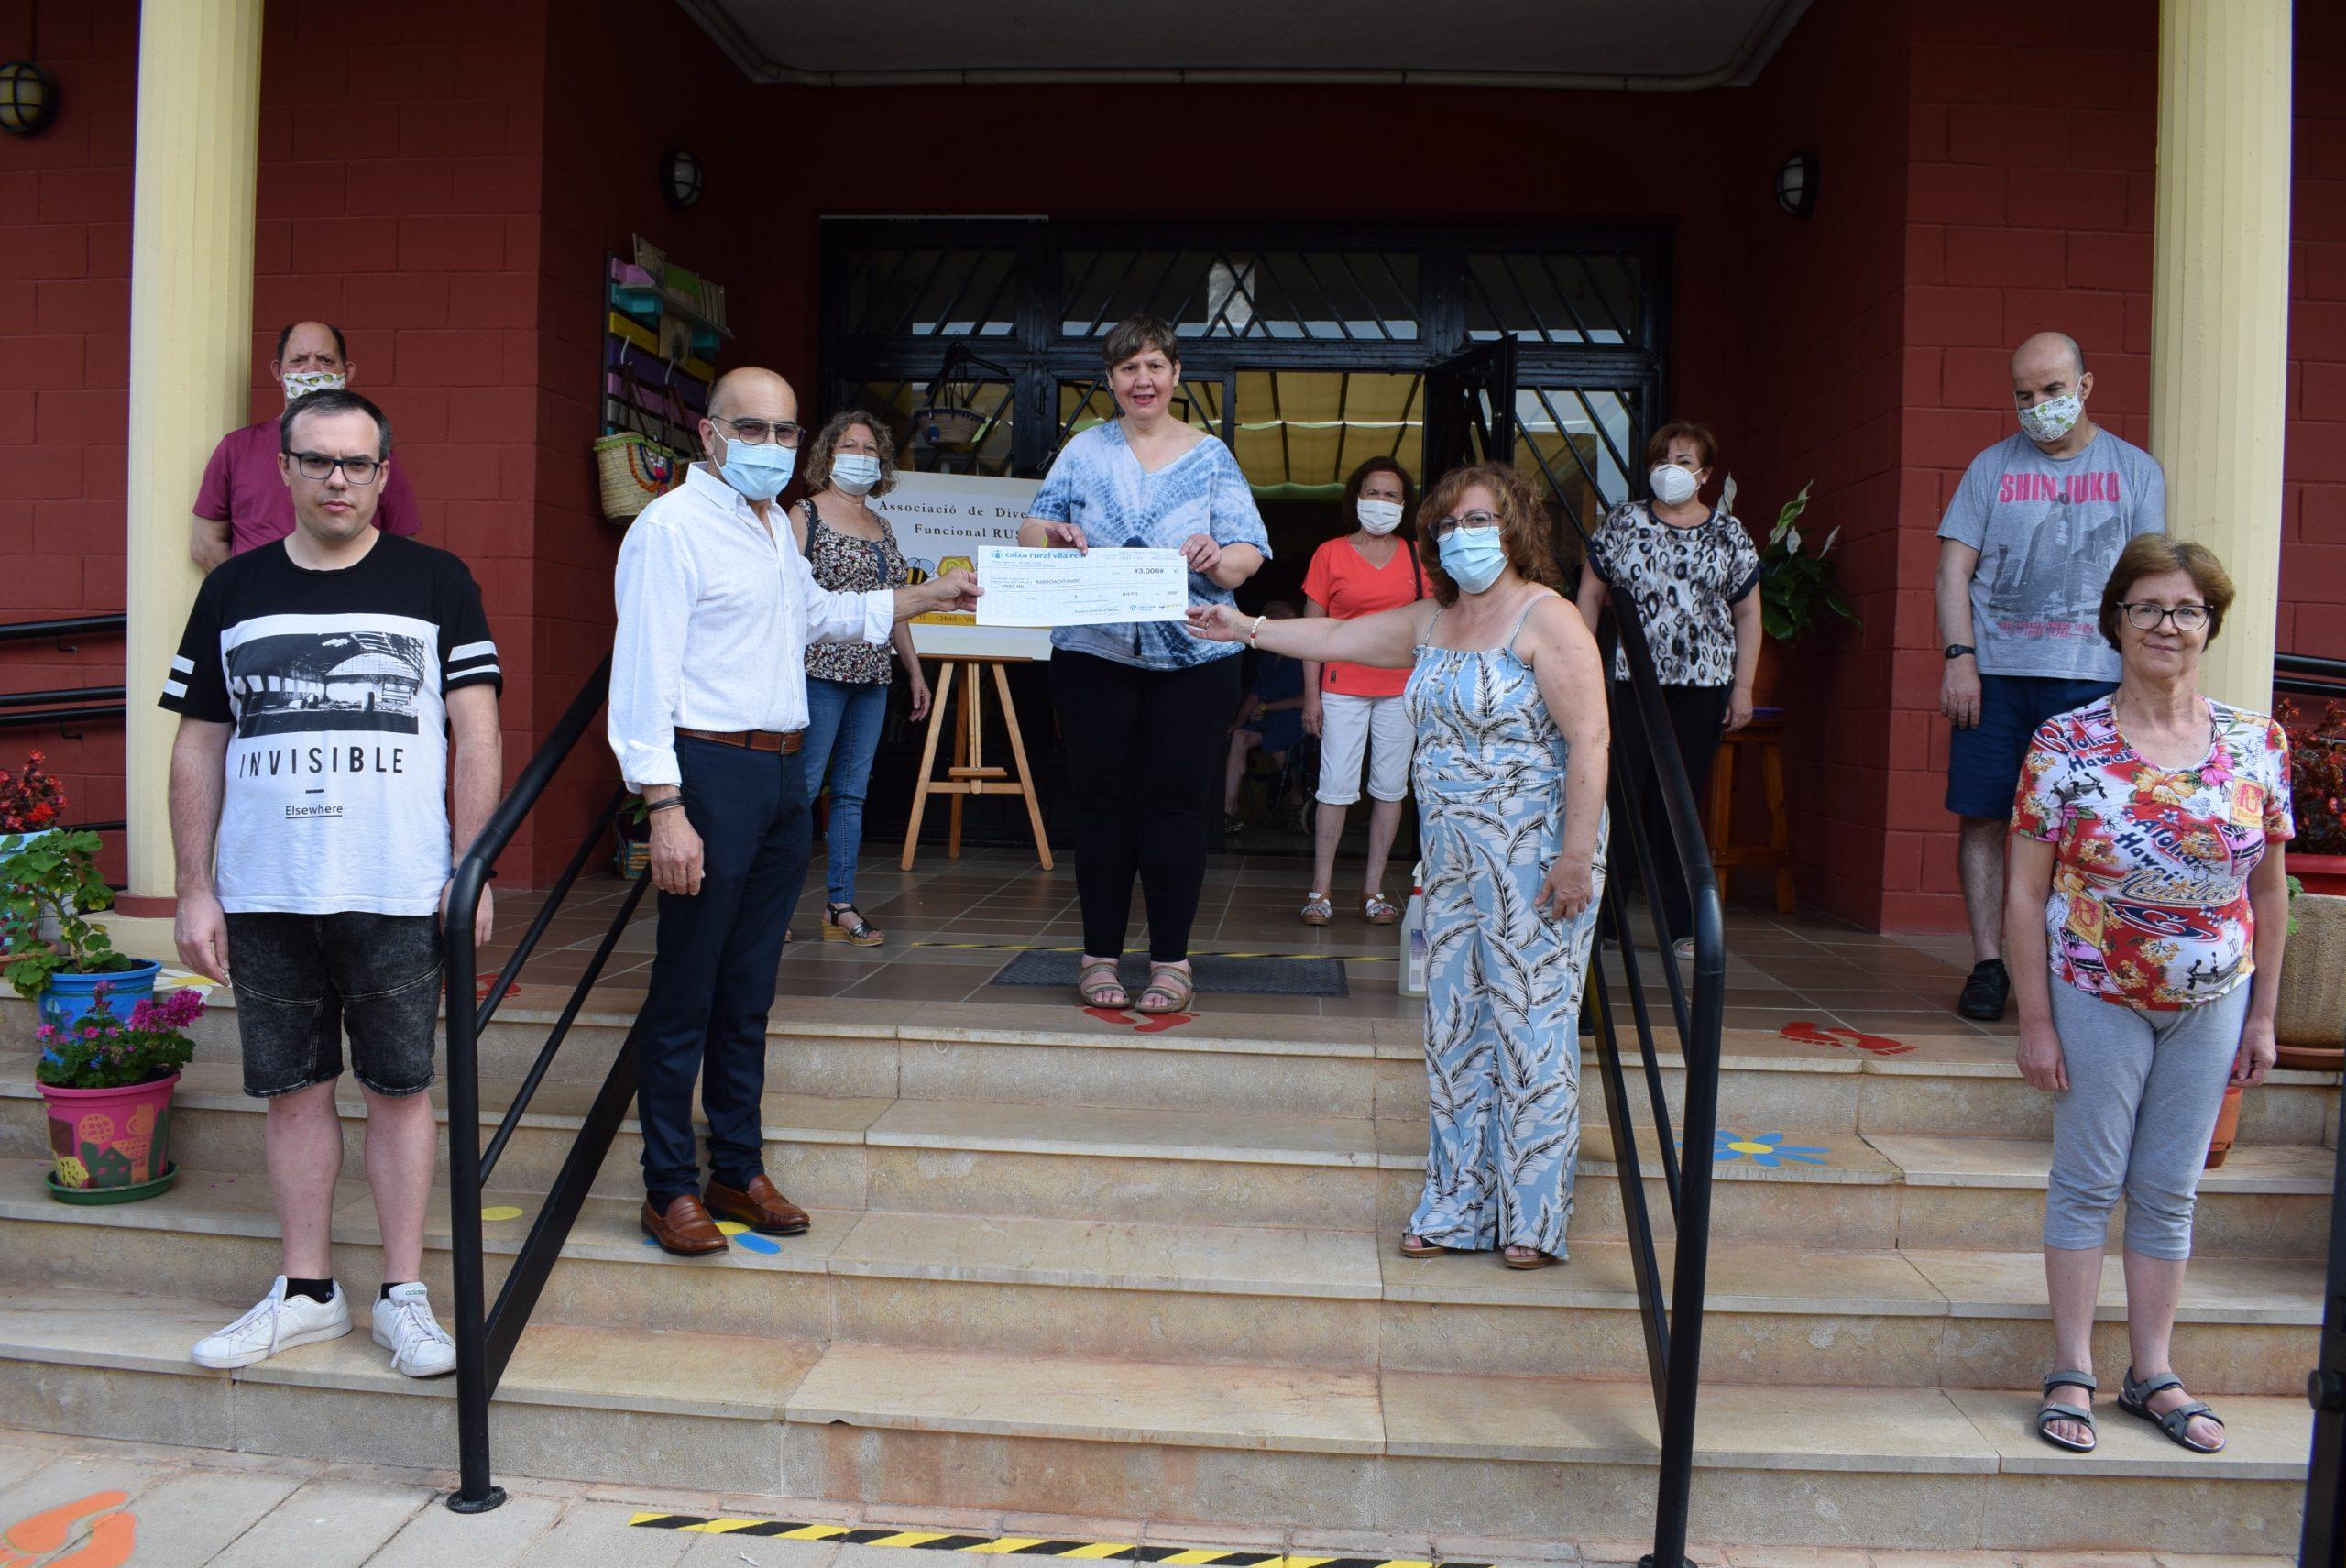 Fundació Caixa Rural Vila-real dona 3.000 euros a la asociación Rusc